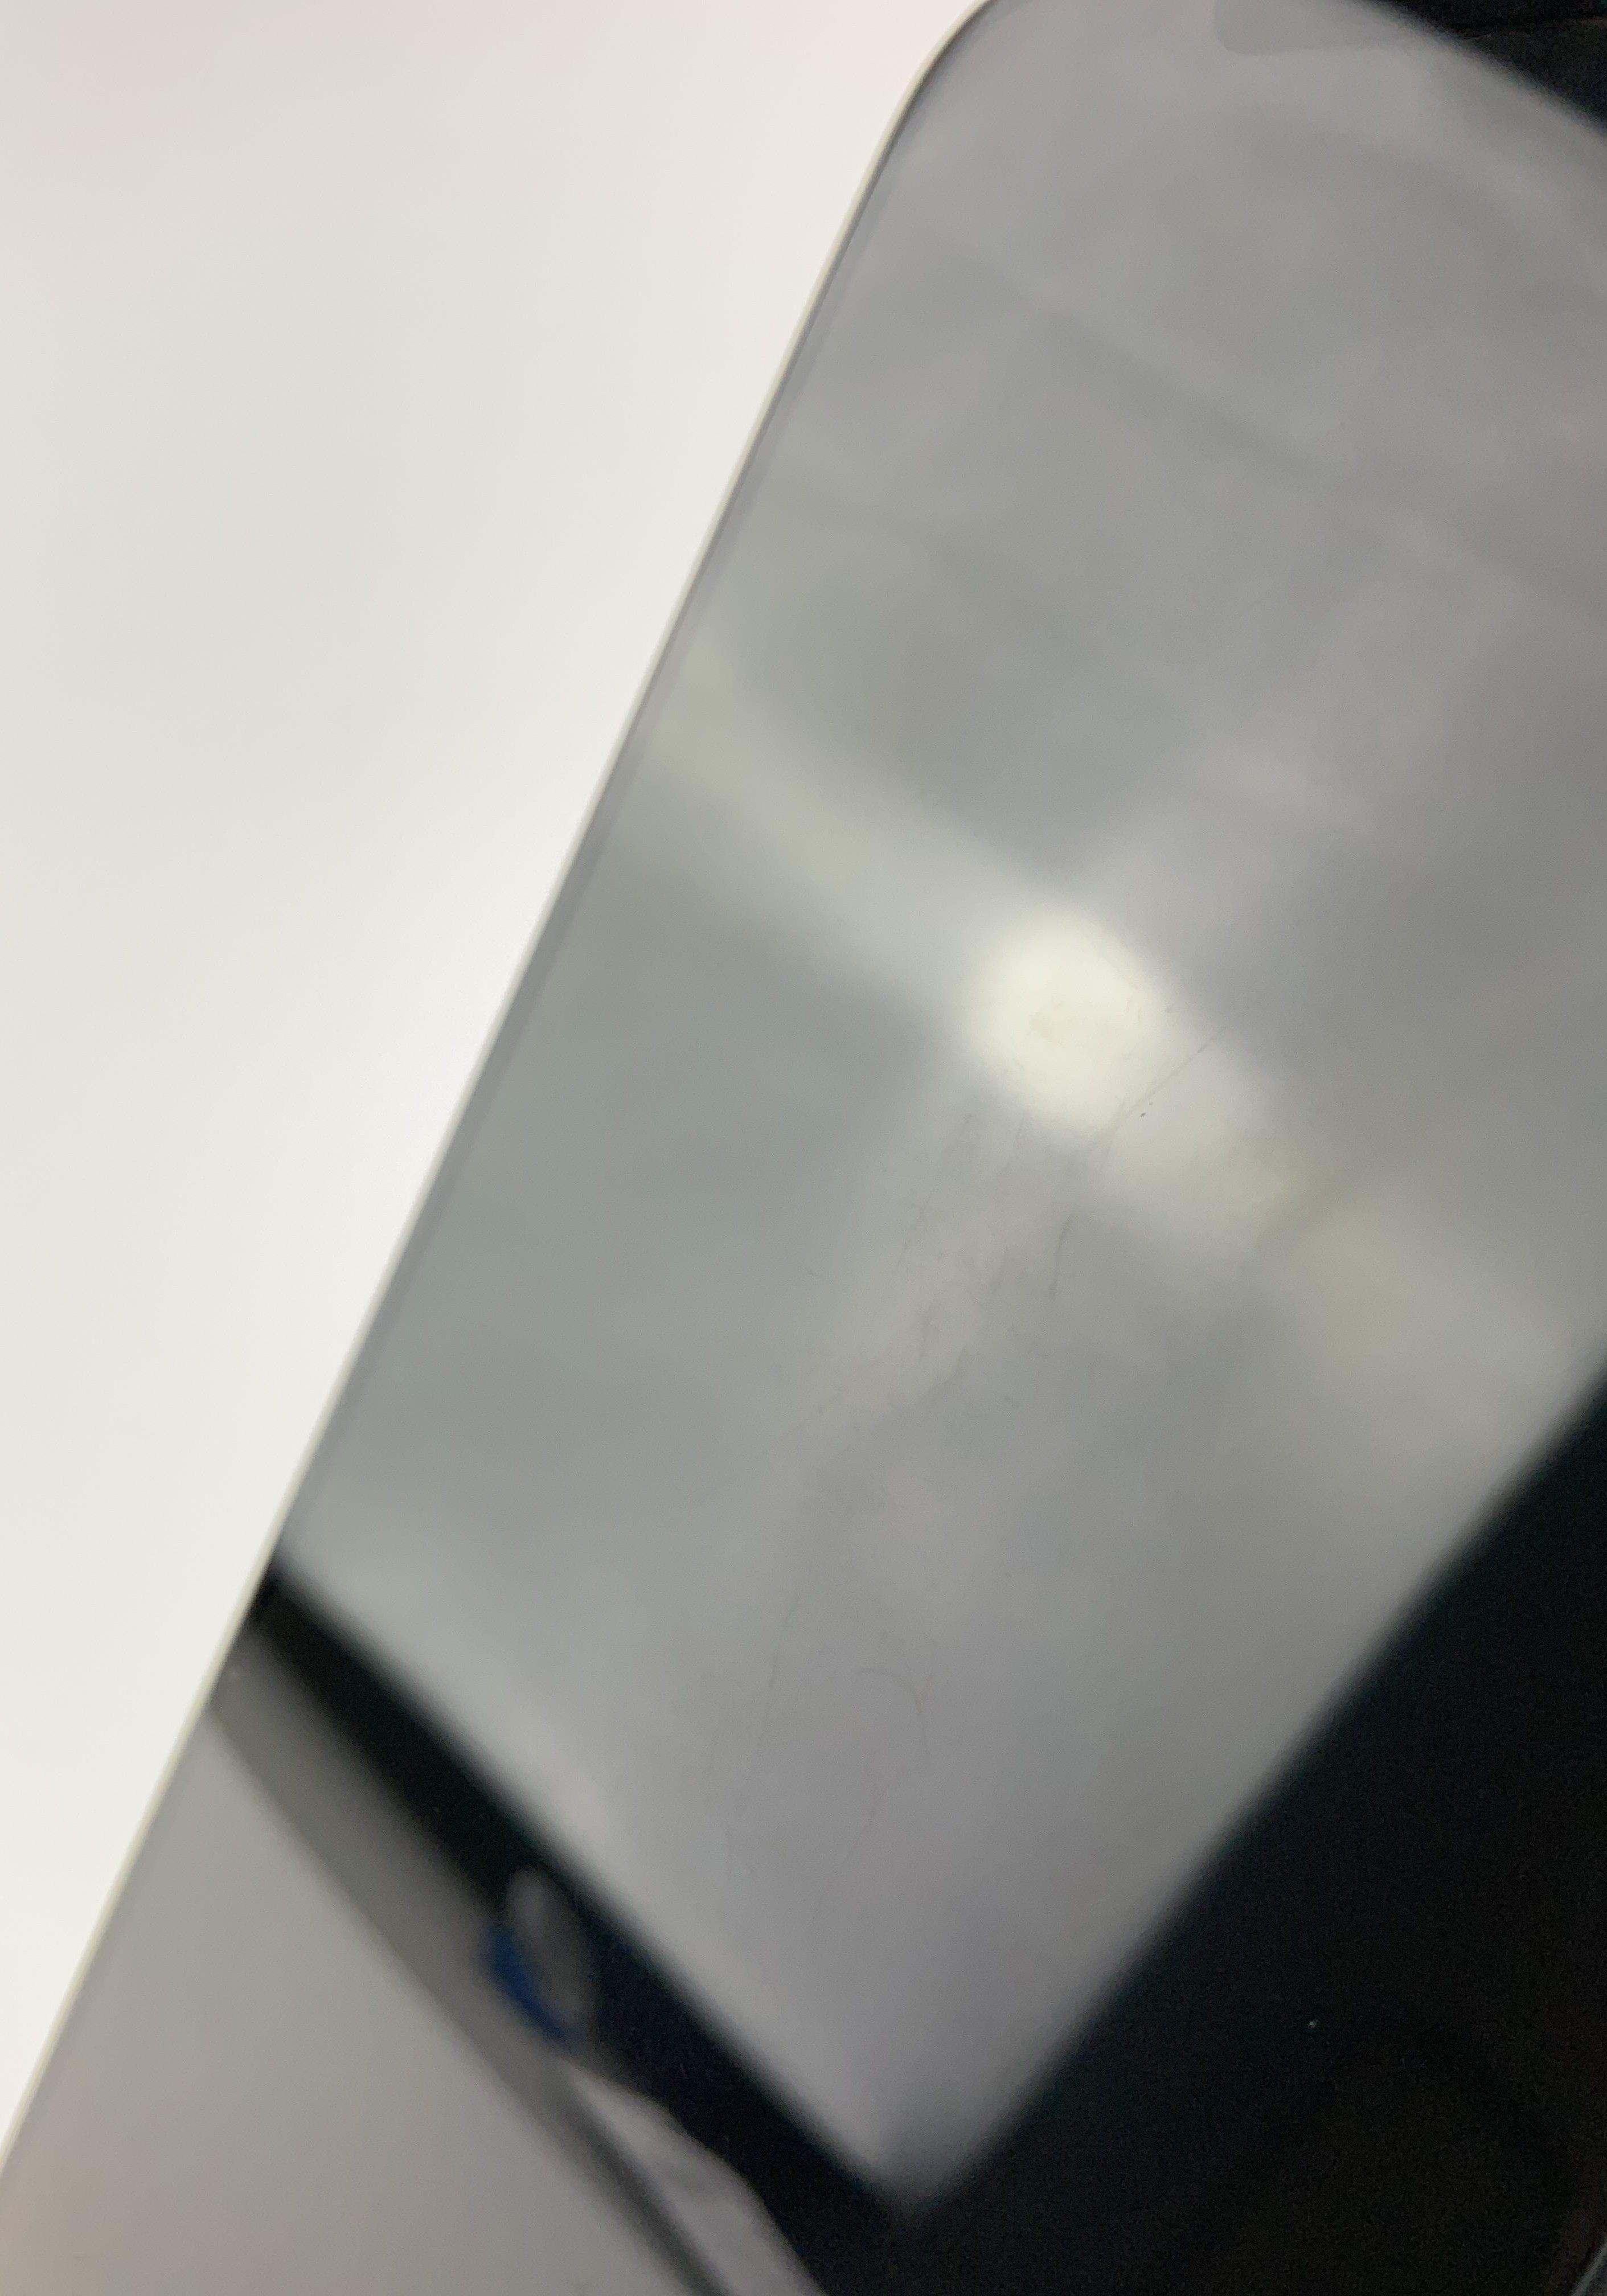 iPhone 11 Pro Max 64GB, 64GB, Silver, bild 5